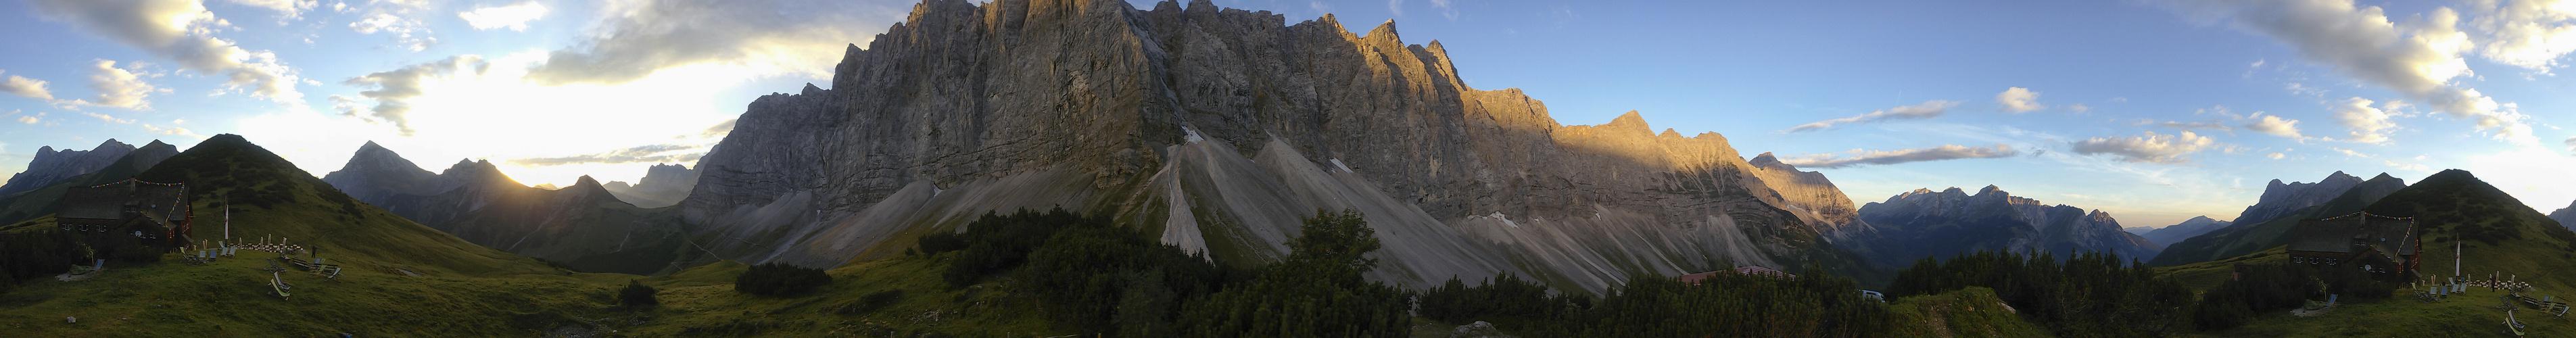 Sonnenaufgang vor der Falkenhütte